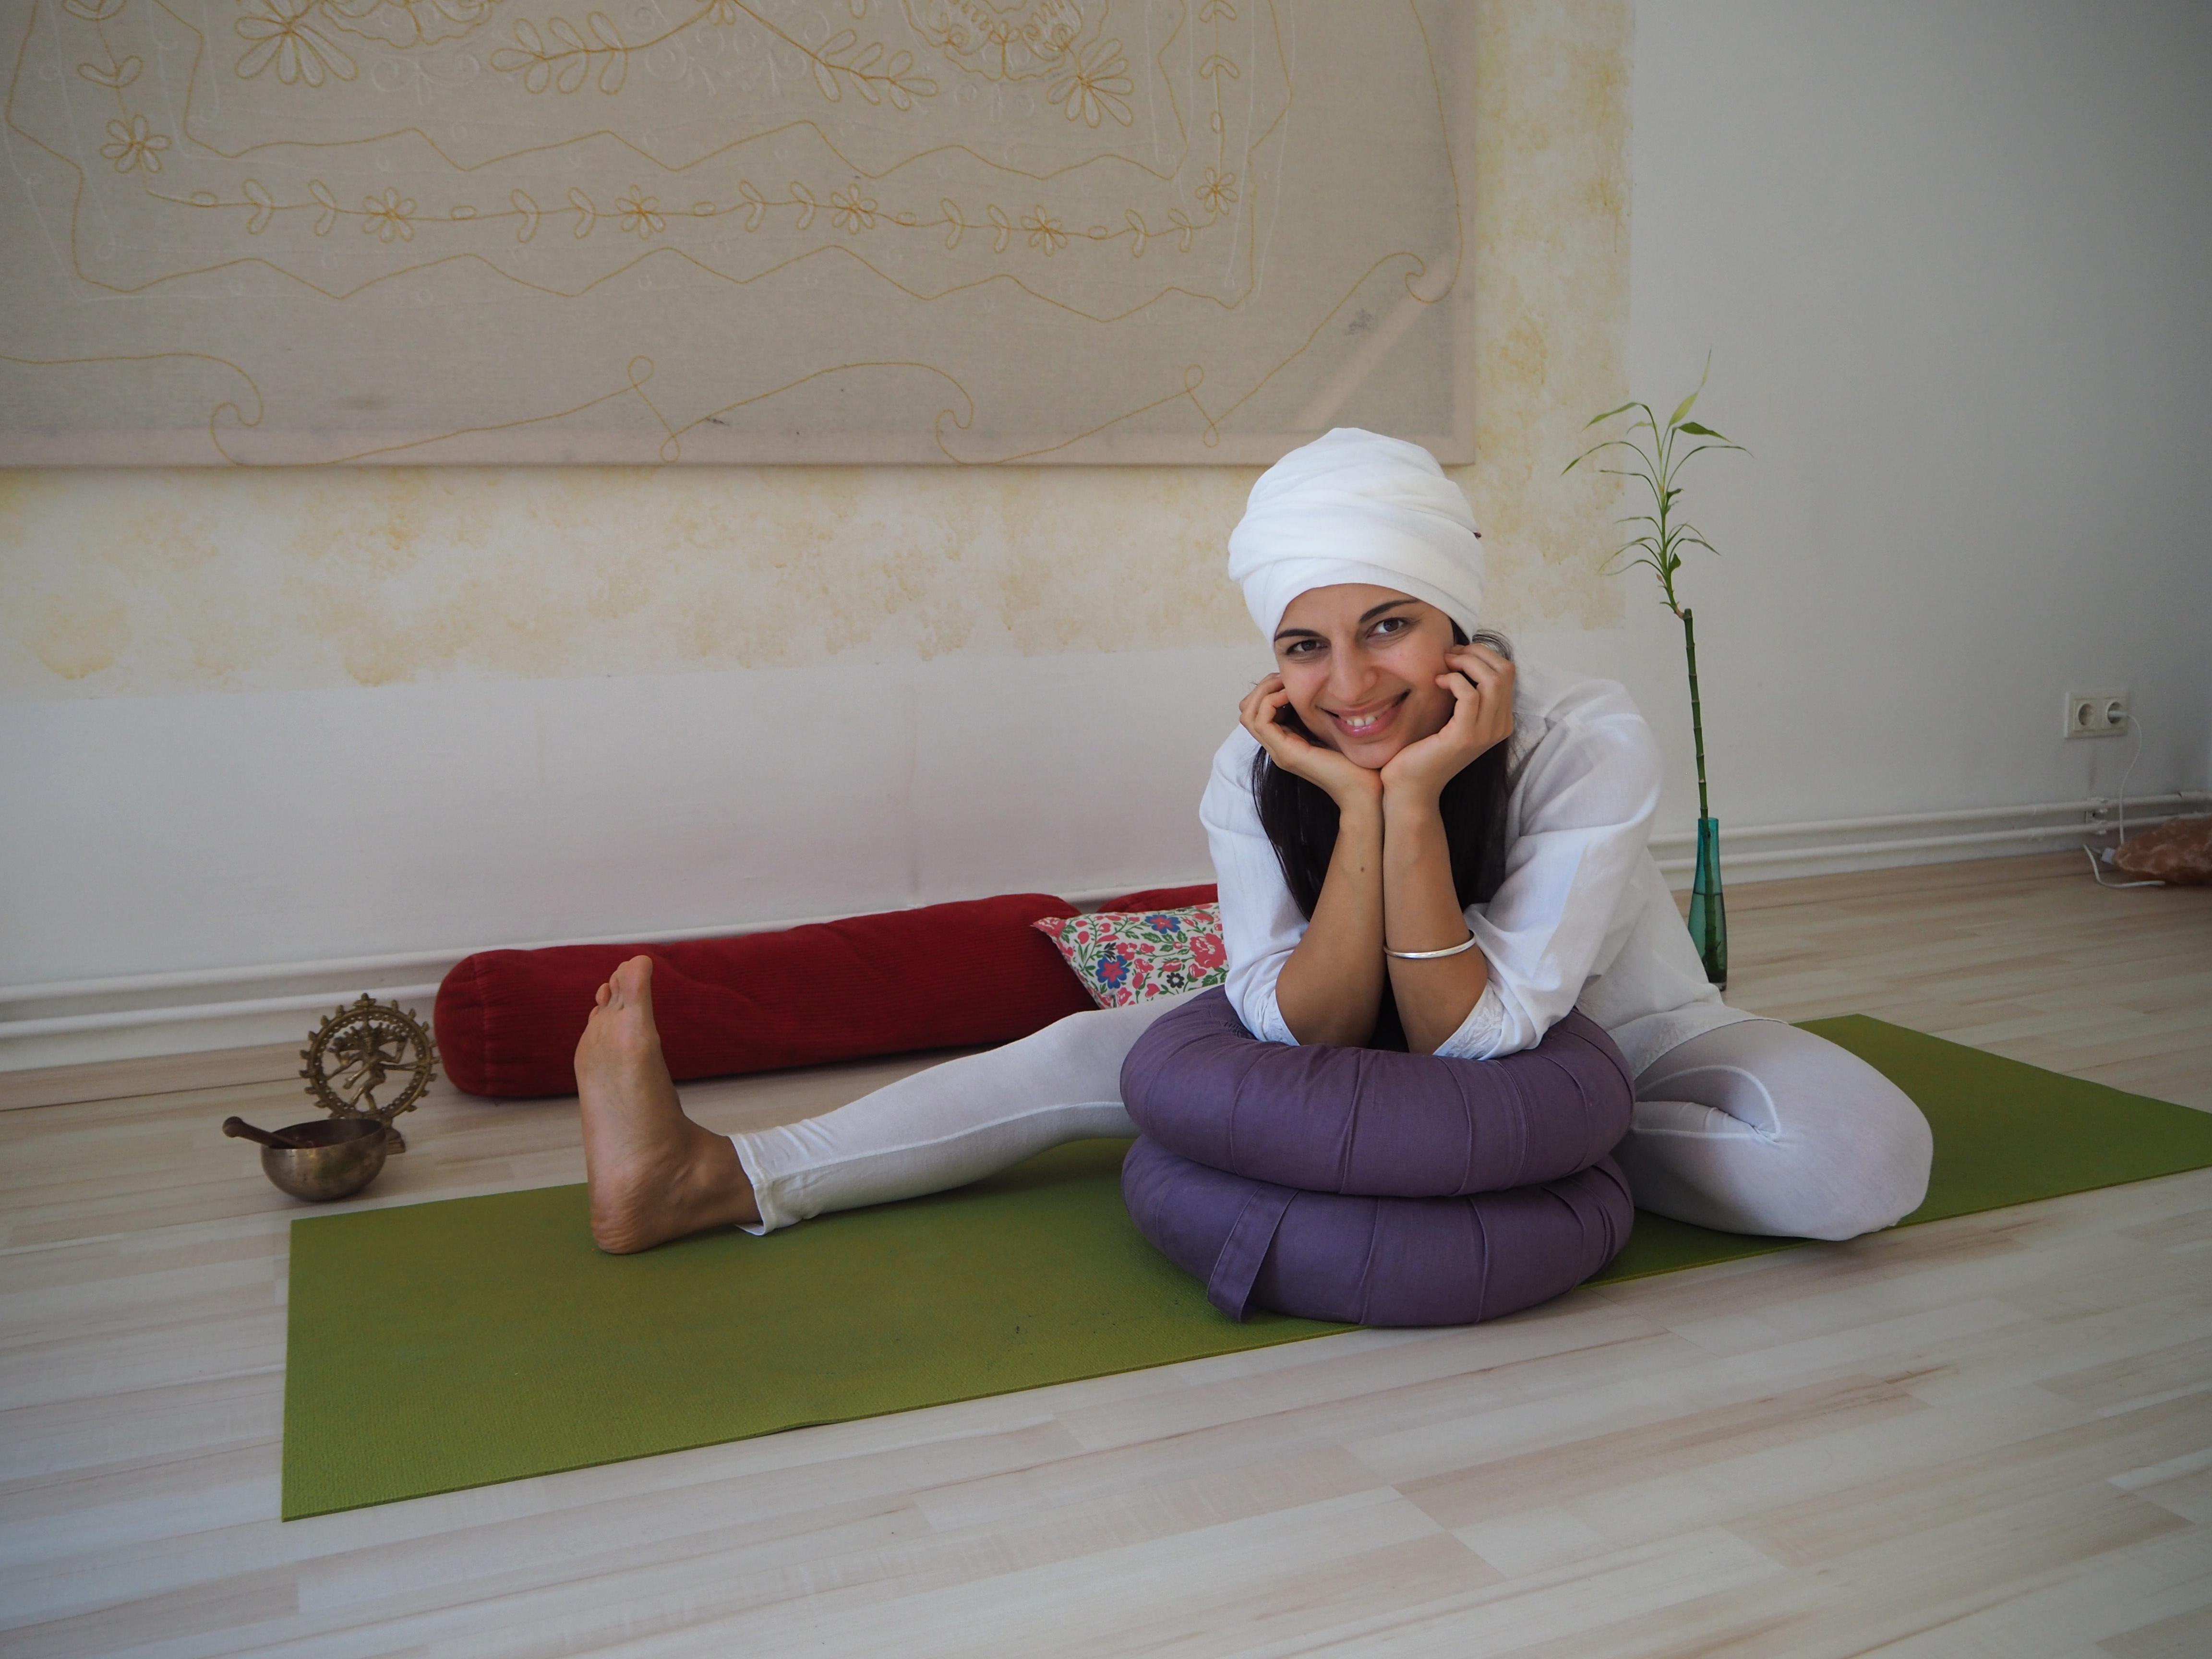 йога онлайн ната сири джот